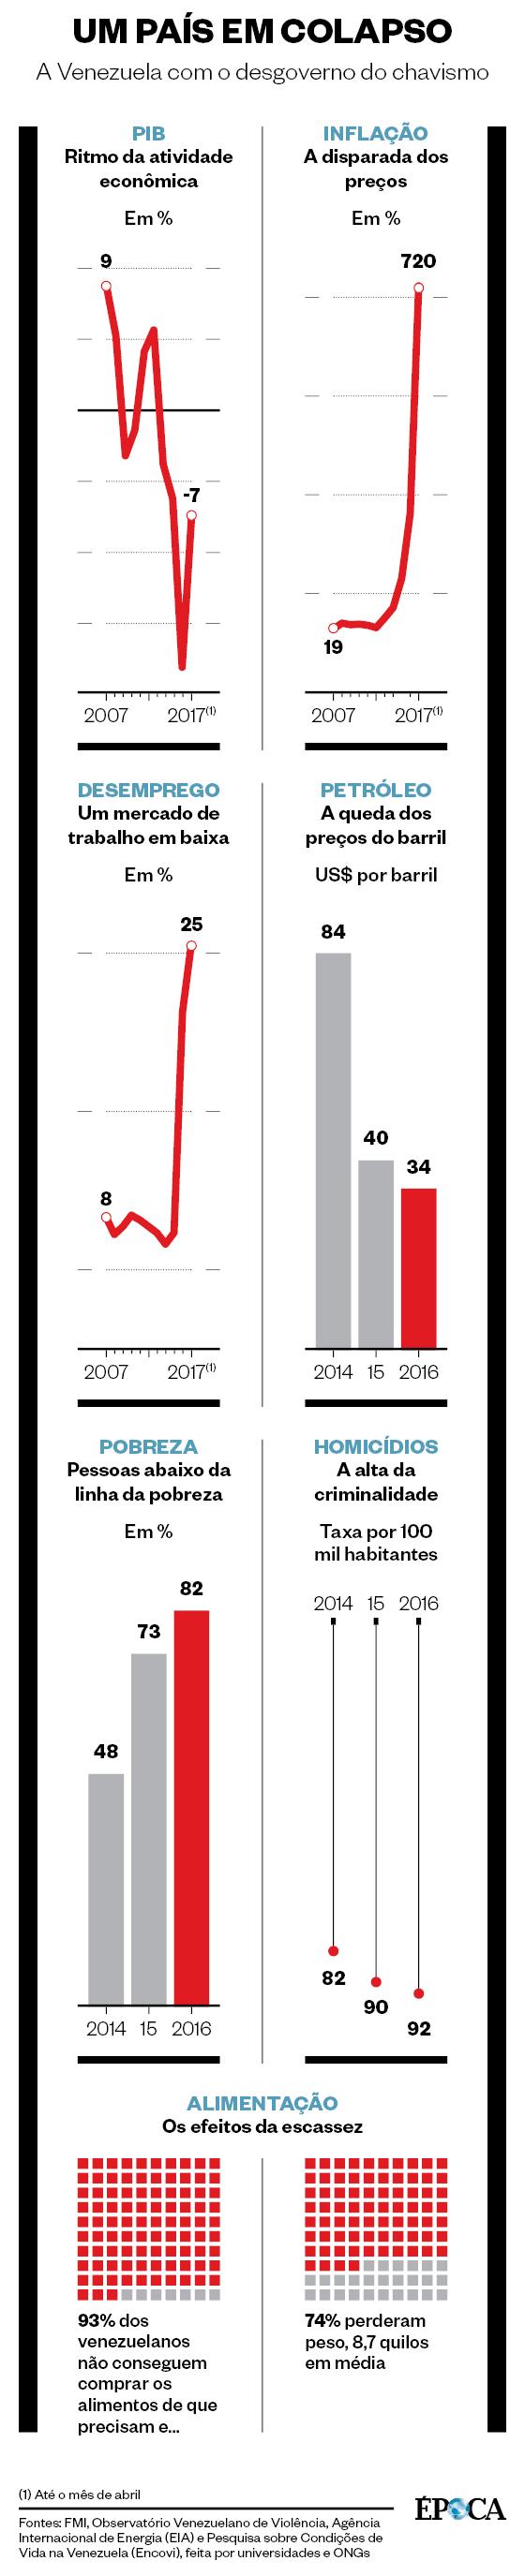 UM PAÍS EM COLAPSO A Venezuela com o desgoverno do chavismo (Foto: Fontes: FMI, Observatório Venezuelano de Violência, Agência Internacional de Energia (EIA) e Pesquisa sobre Condições de Vida na Venezuela (Encovi), feita por universidades e ONGs)